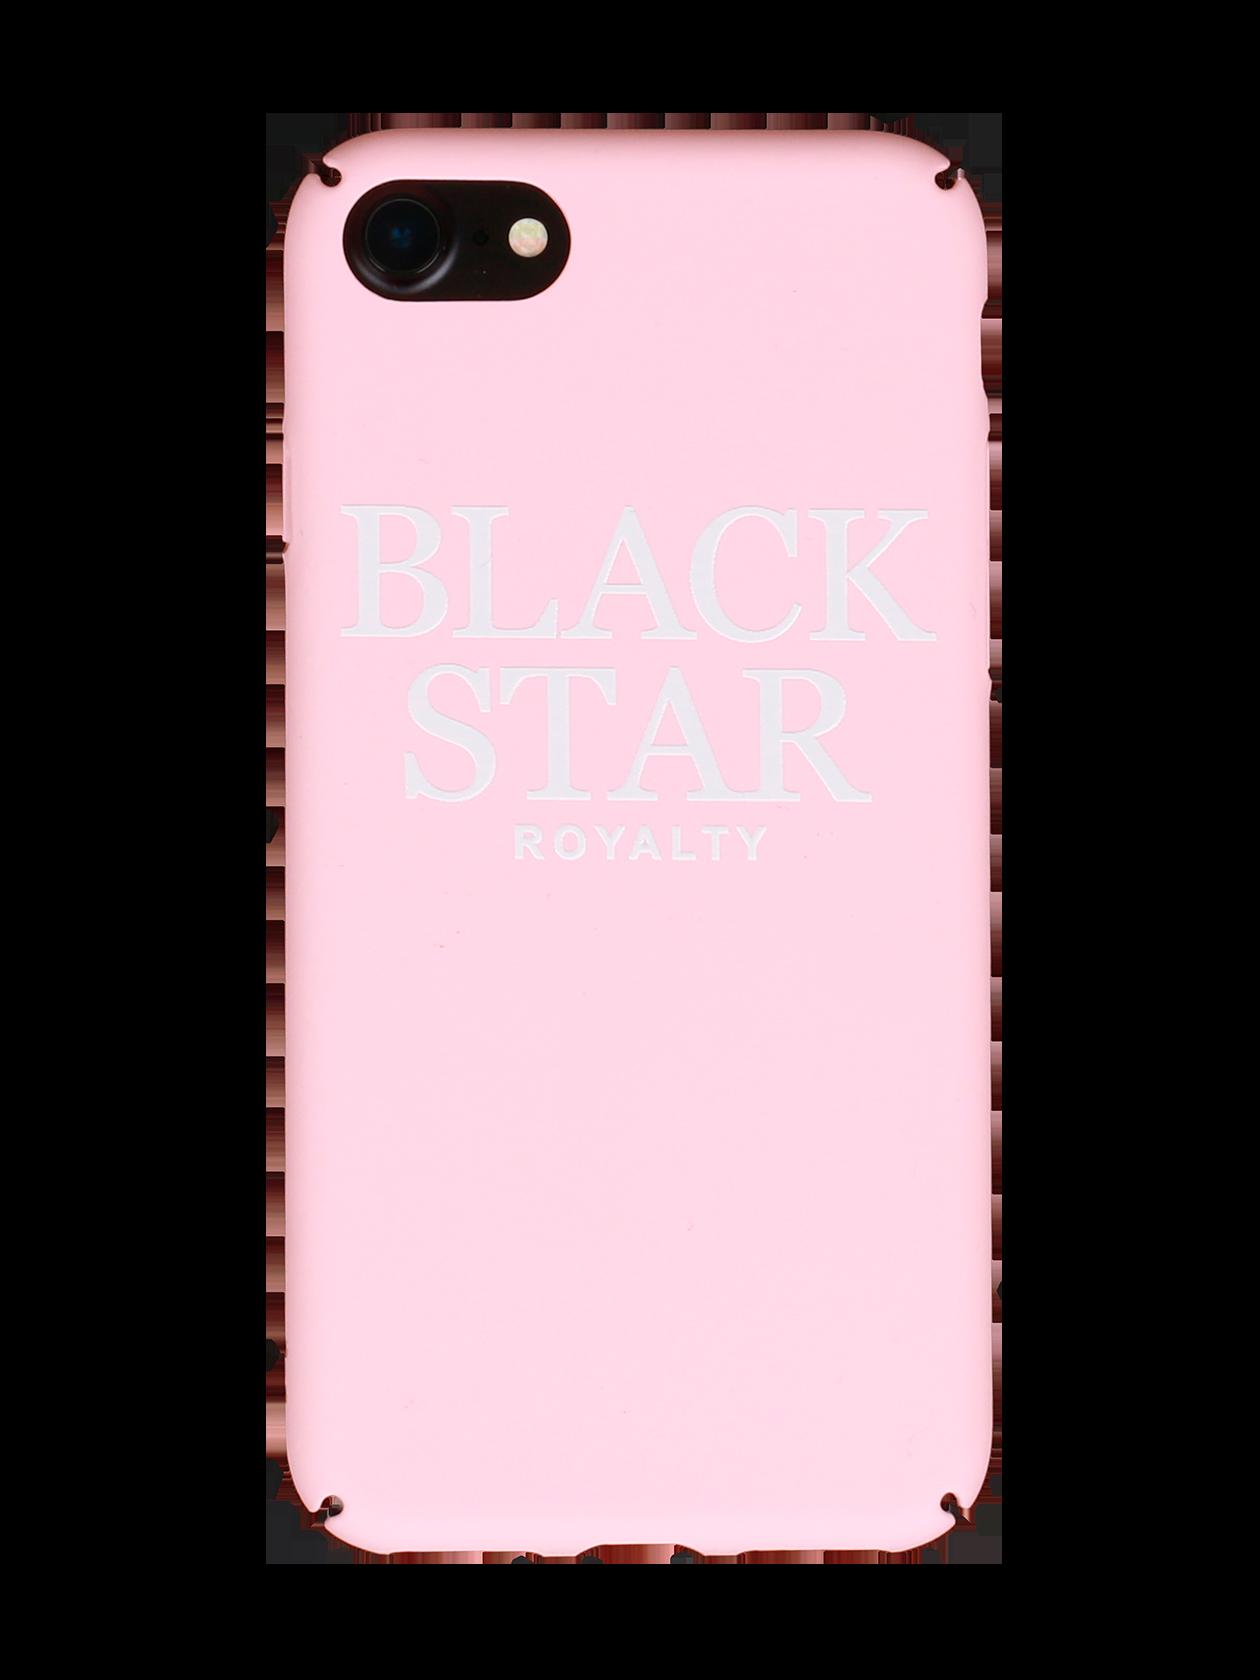 Чехол для телефона ROYALTY BLACK STARПрактичный чехол для телефона Royalty Black Star в виде задней стенки мобильного устройства. Модель создана из прочного пластика, предотвращающего образование трещин, сколов на корпусе гаджета и попадание пыли. Изделие привлекает внимание яркой ментоловой расцветкой. В комбинации с фирменной надписью Black Star Royalty чехол становится стильным аксессуаром для любимого девайса. Он идеально повторяет форму телефона, оставляя доступ к имеющимся разъемам и опциям.<br><br>Размер: 5<br>Цвет: Розовый<br>Пол: Унисекс